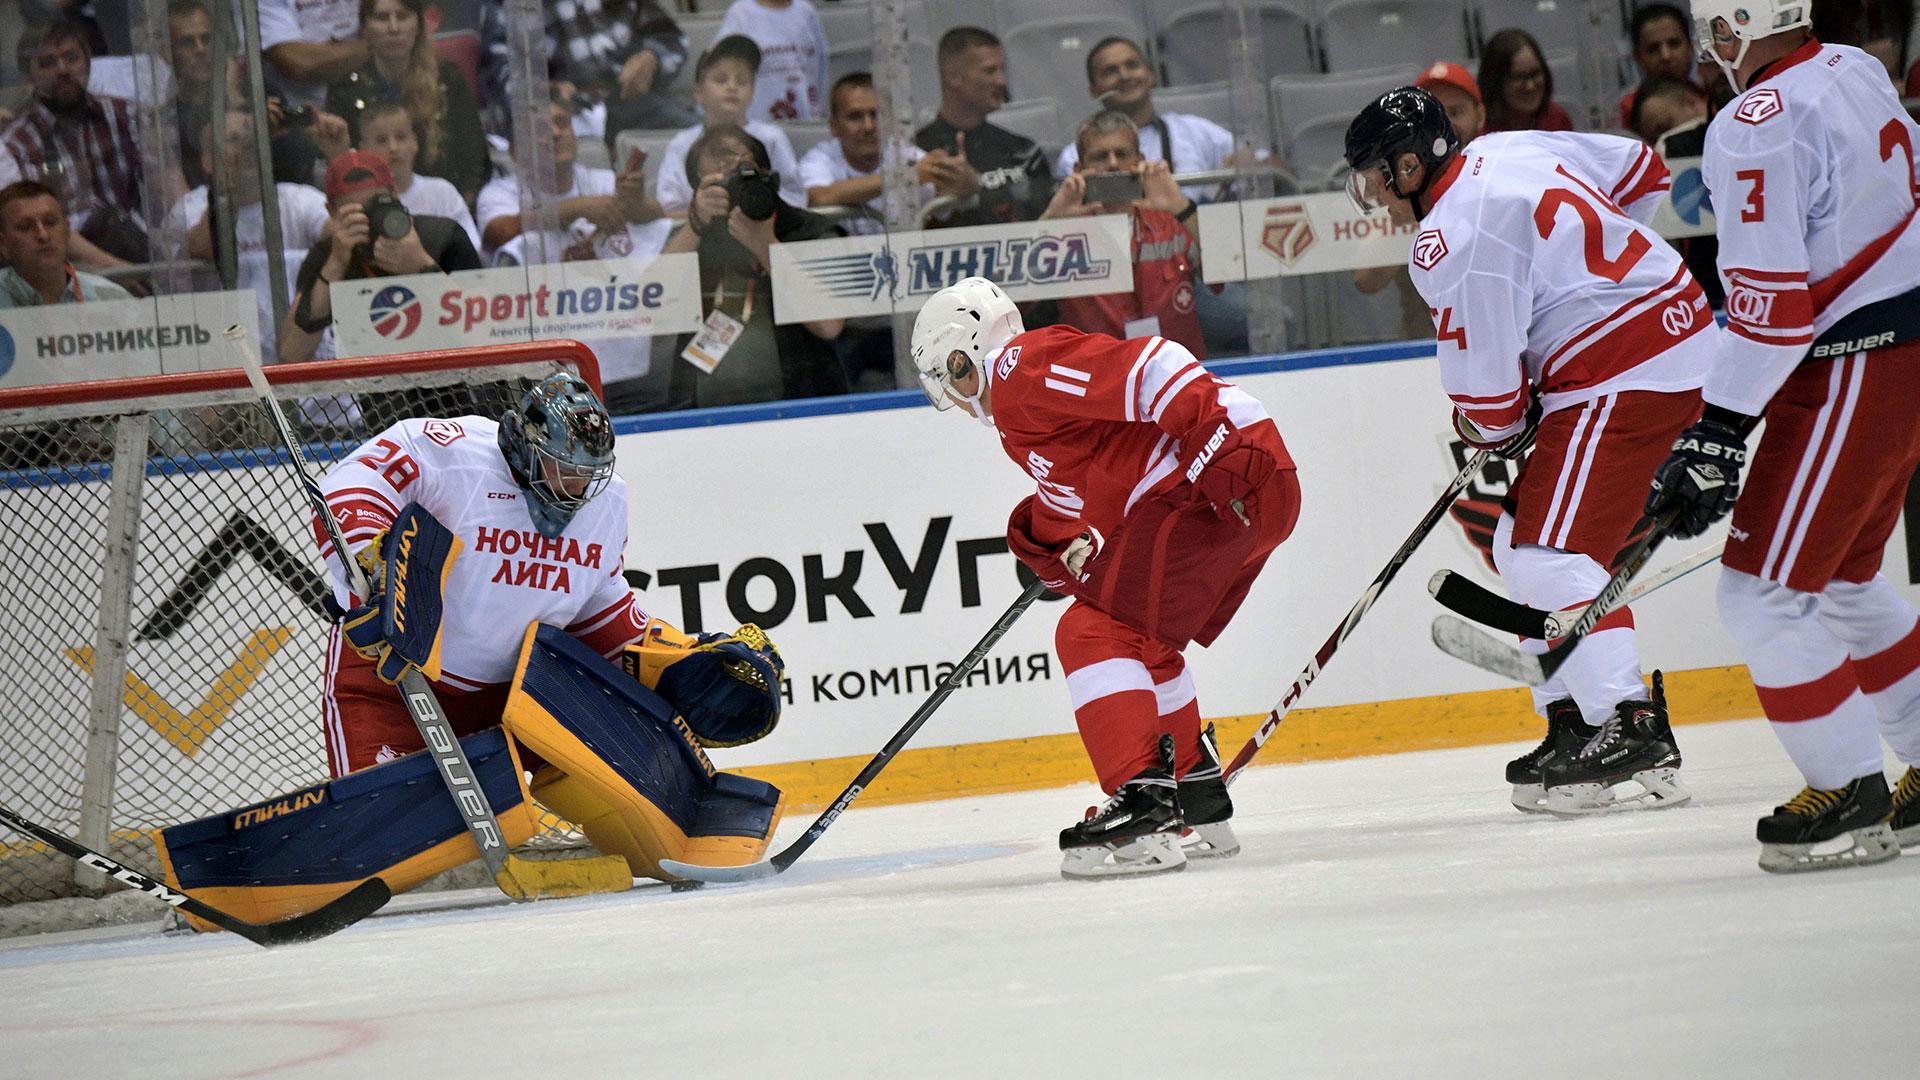 El presidente ruso también brindó 3 asistencias en la victoria de su equipo por 12 a 7(Reuters)